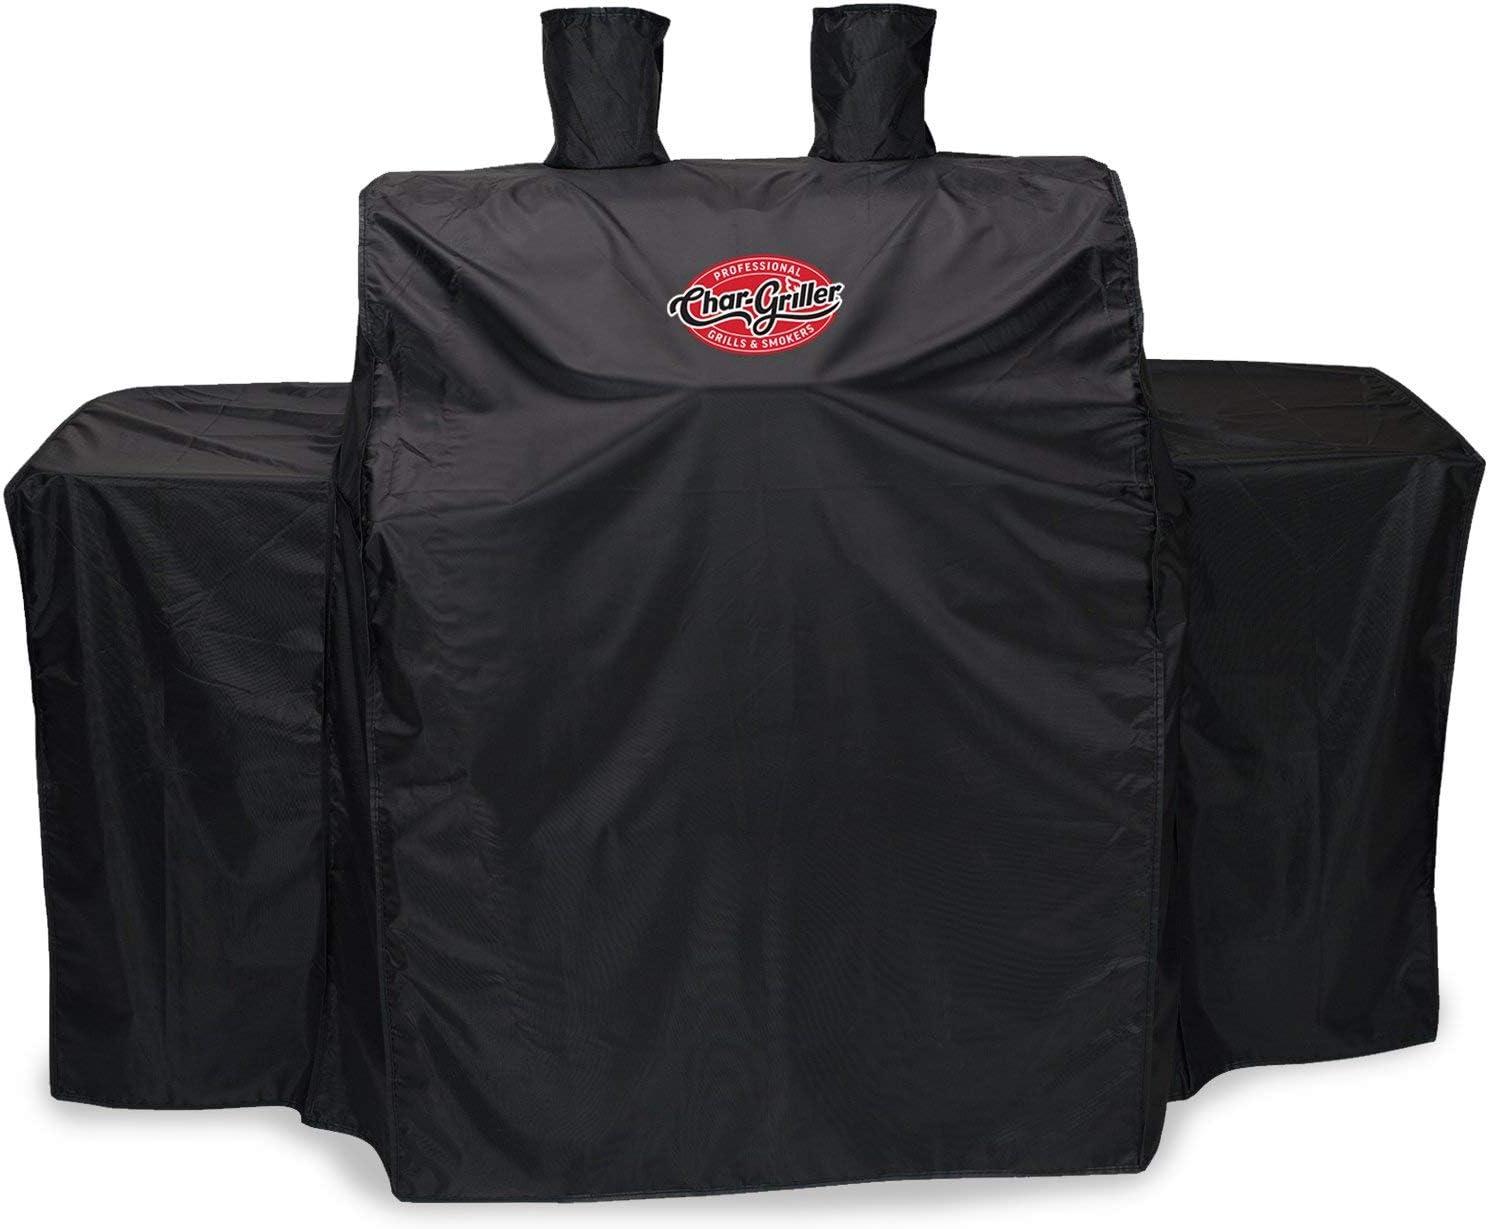 Von Premier 3055 - Cubierta para barbacoas, color negro